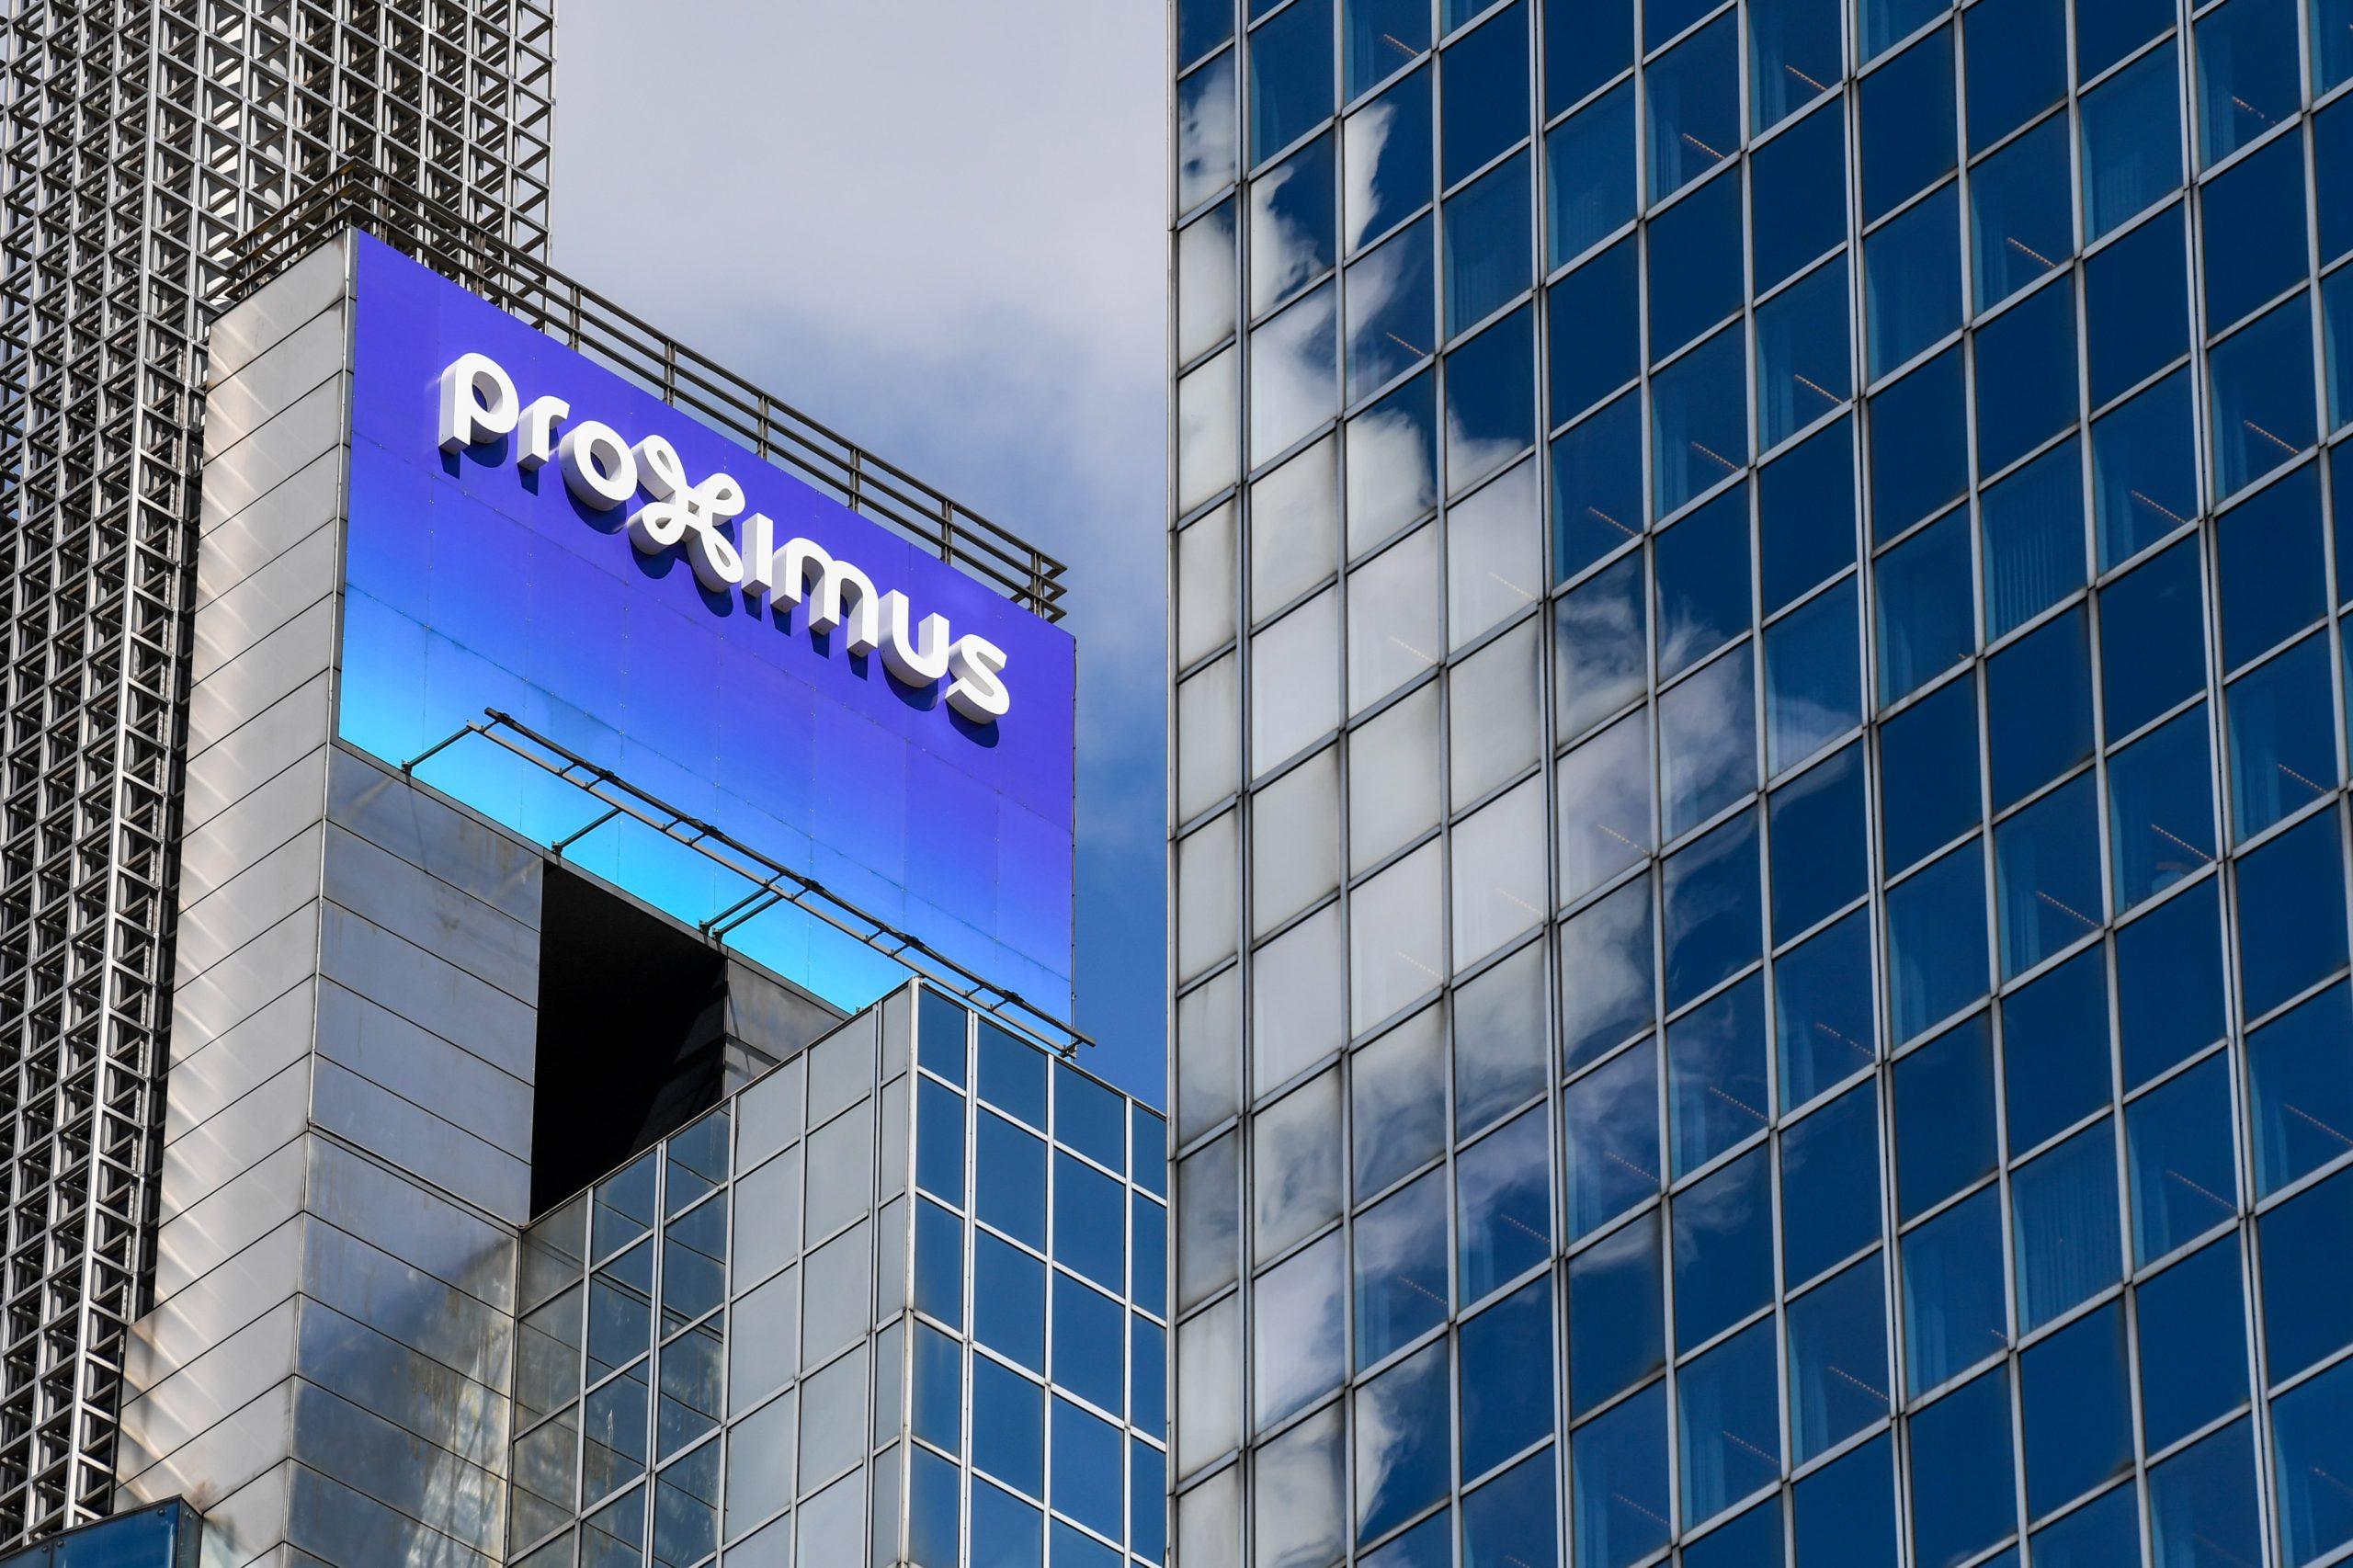 L'opérateur Proximus augmente le volume de surf de ses clients à partir du 1er janvier, jusqu'à trois fois sur certaines offres.